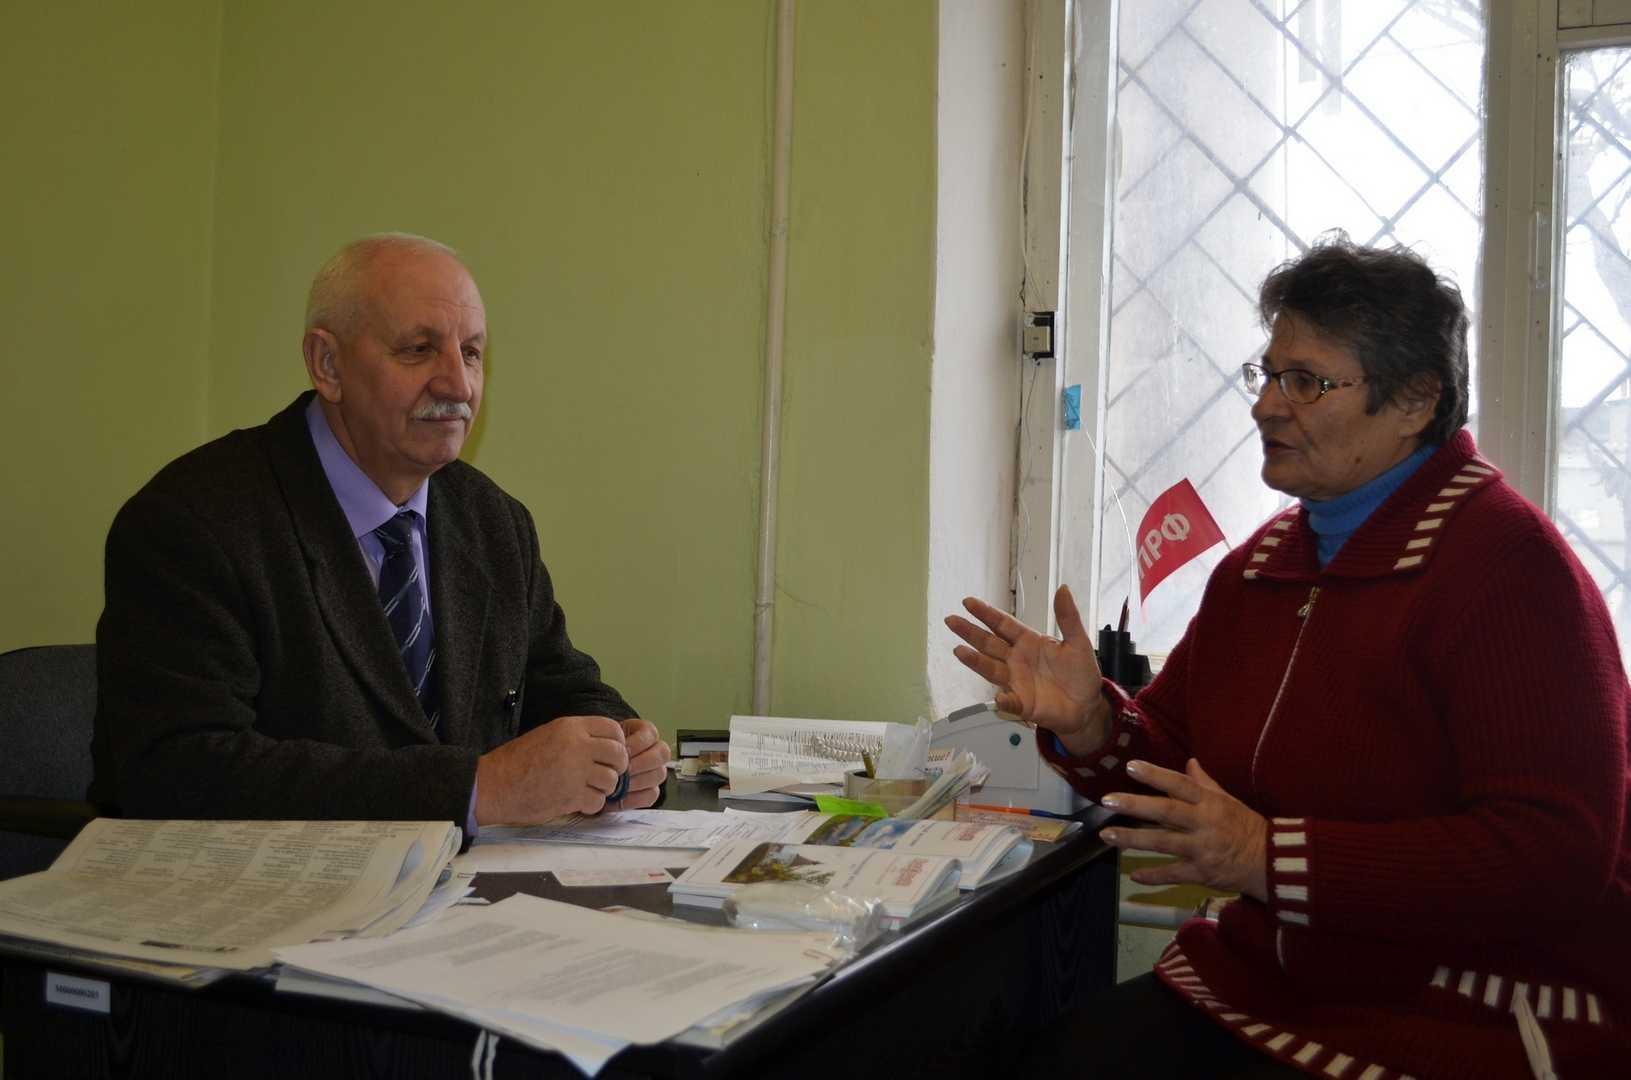 Интервью с депутатом Думы Астраханской области А.А.Фуриком.    «Я убежден, что без изменений Бюджетного Кодекса развития на местах не будет»